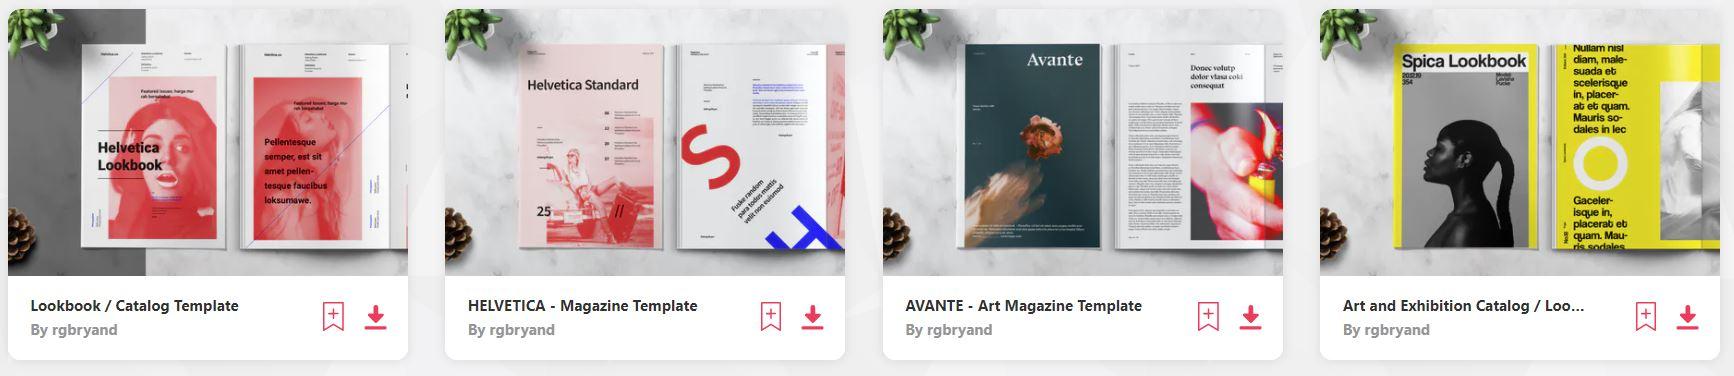 Helvetica Magazine Templates